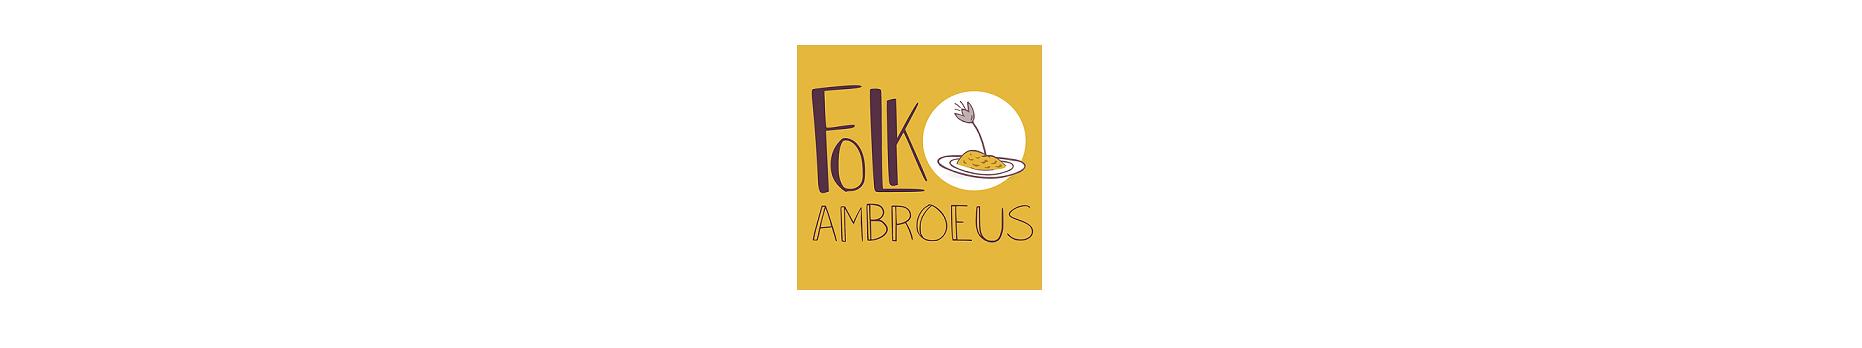 associazione Folk Ambroeus logo